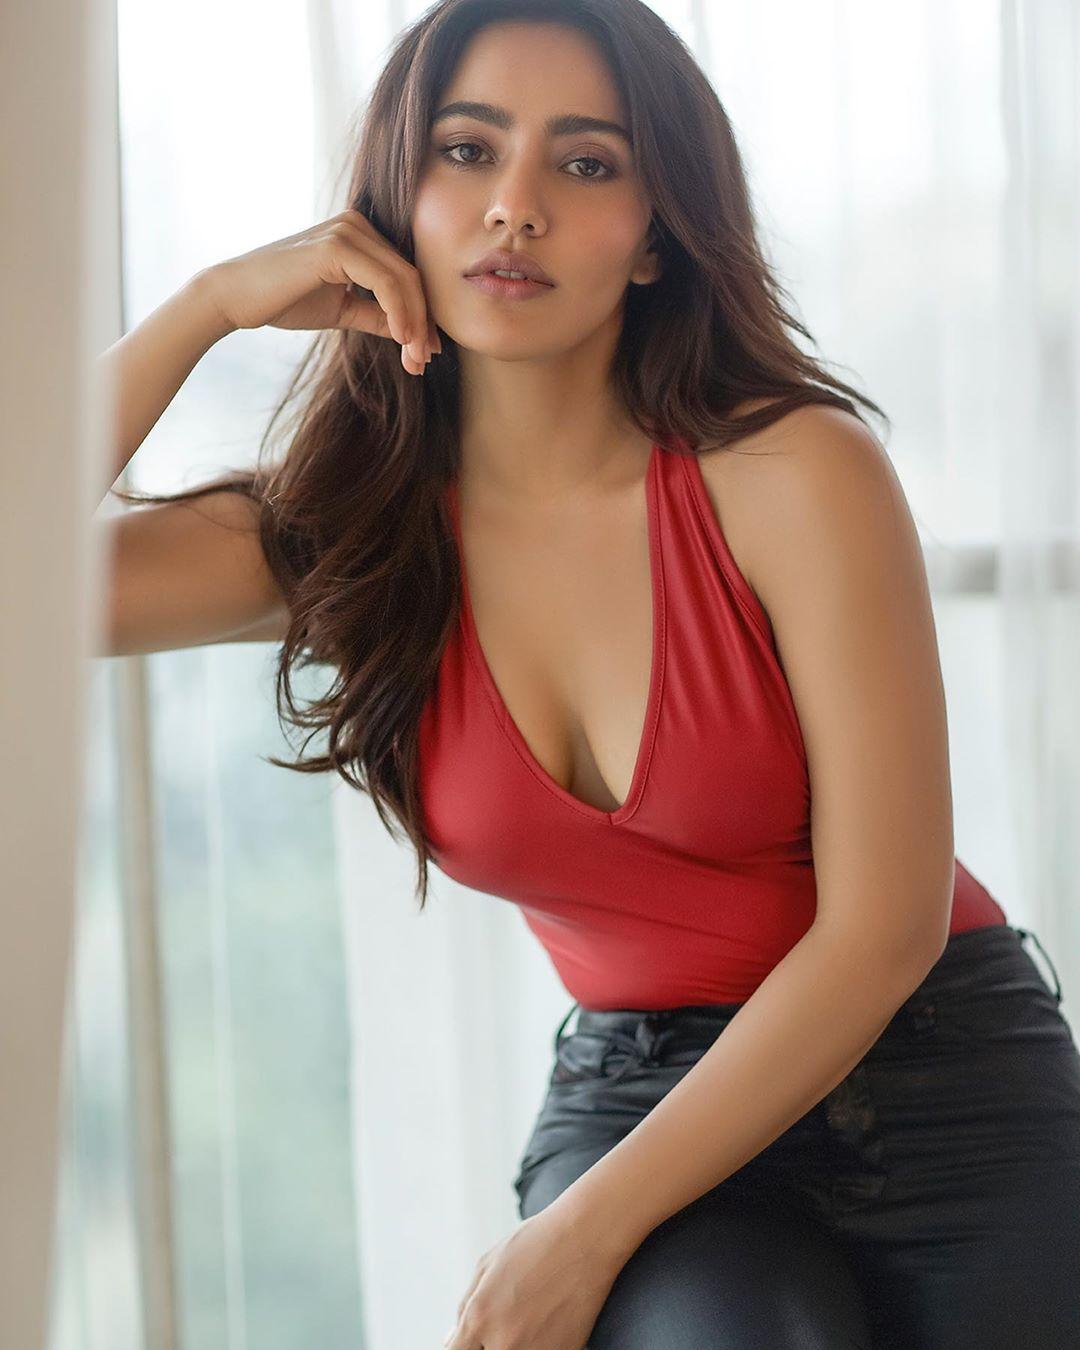 నేహా శర్మ హాట్ ఫోటోస్.. Instagram/nehasharmaofficial